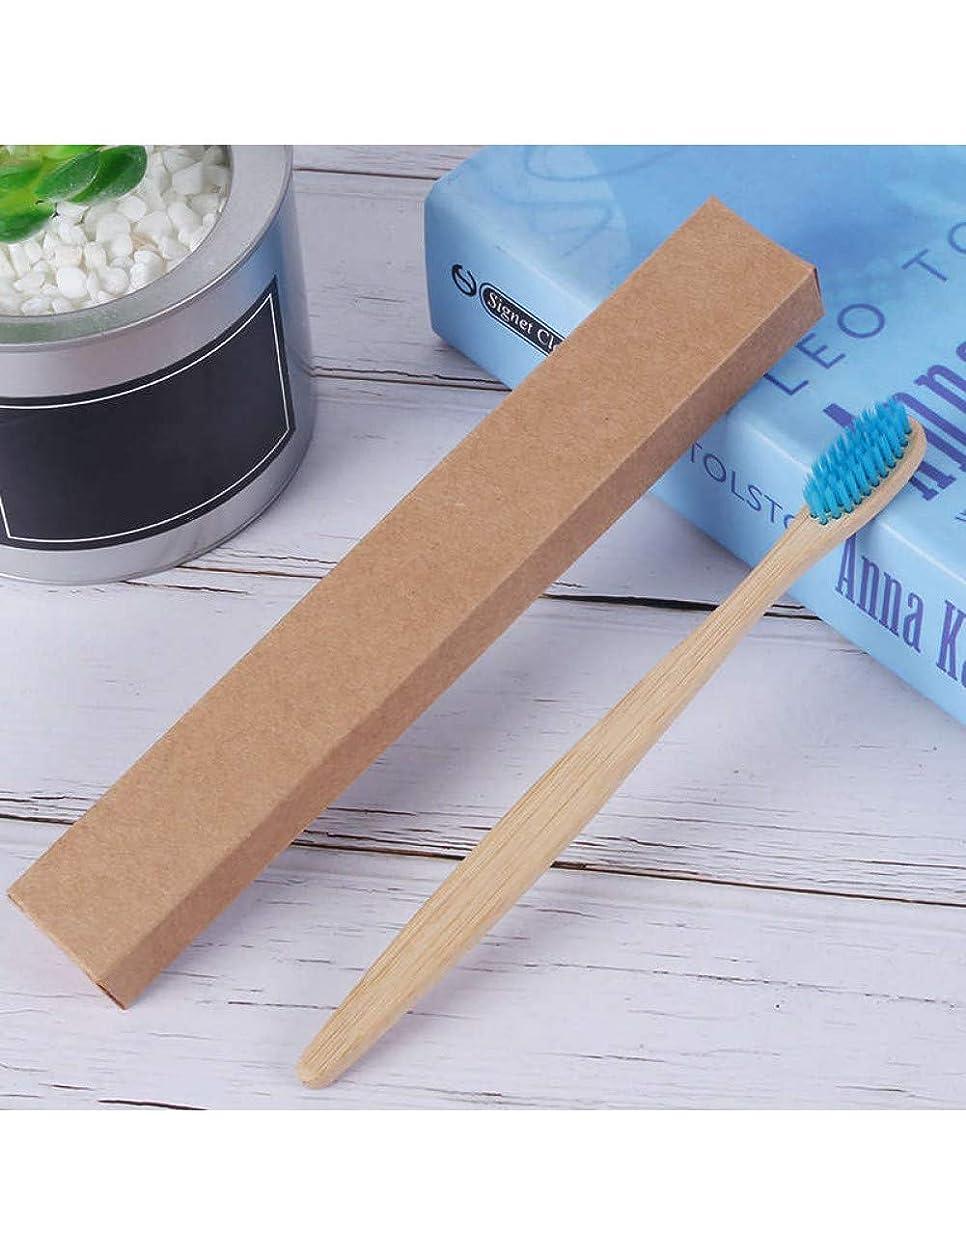 私の忘れっぽい酸素大人のための10個/セット竹歯ブラシ木製歯ブラシ竹ソフト毛ナチュラルエコ竹繊維木製ハンドル、ブルー